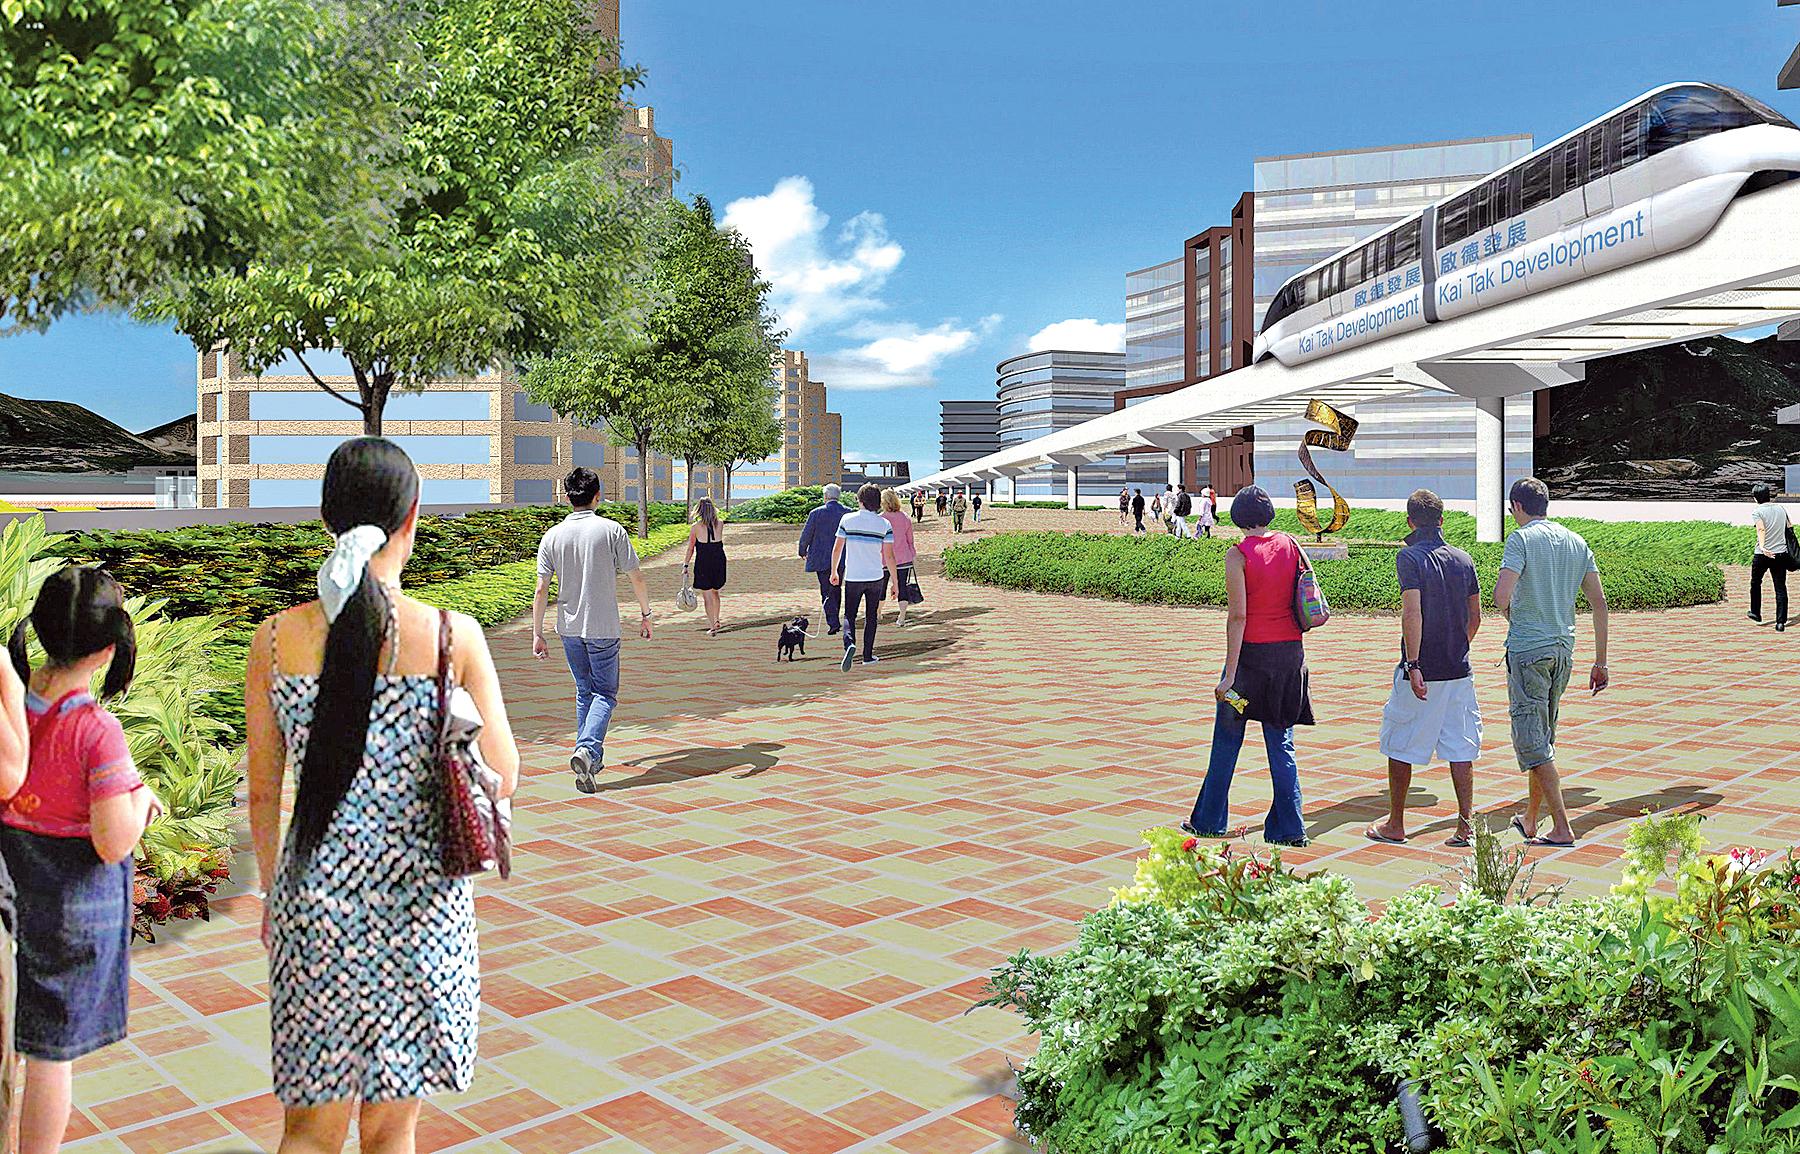 本文作者指,啟德發展區對「明日大嶼」帶來五項啟示。圖為構思中的單軌鐵路,將連接啟德發展區、觀塘和九龍灣三地,耗資120億元,50年回報1%。至今七年仍未建成。(發展局網站2012年11月圖片)